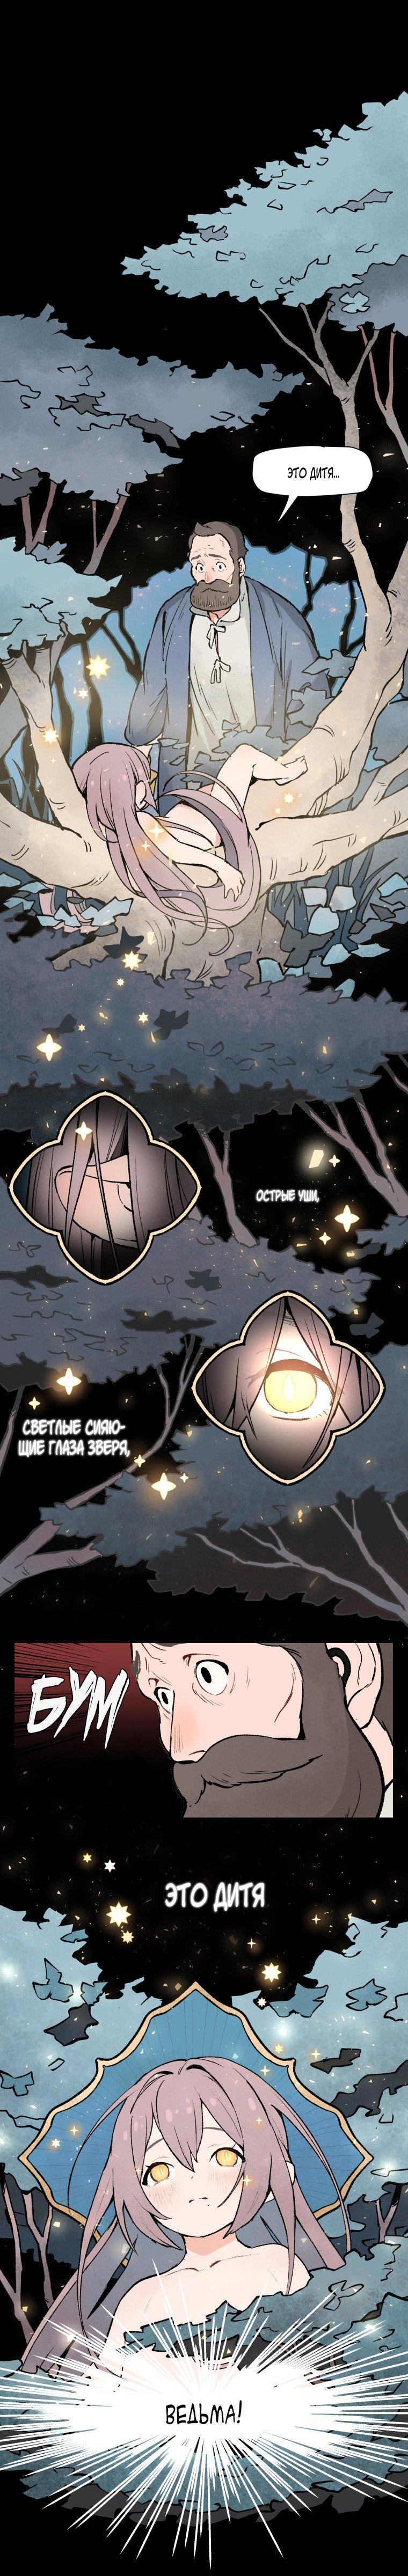 Манга Подожди там, где падает звезда - Глава 2 Страница 1